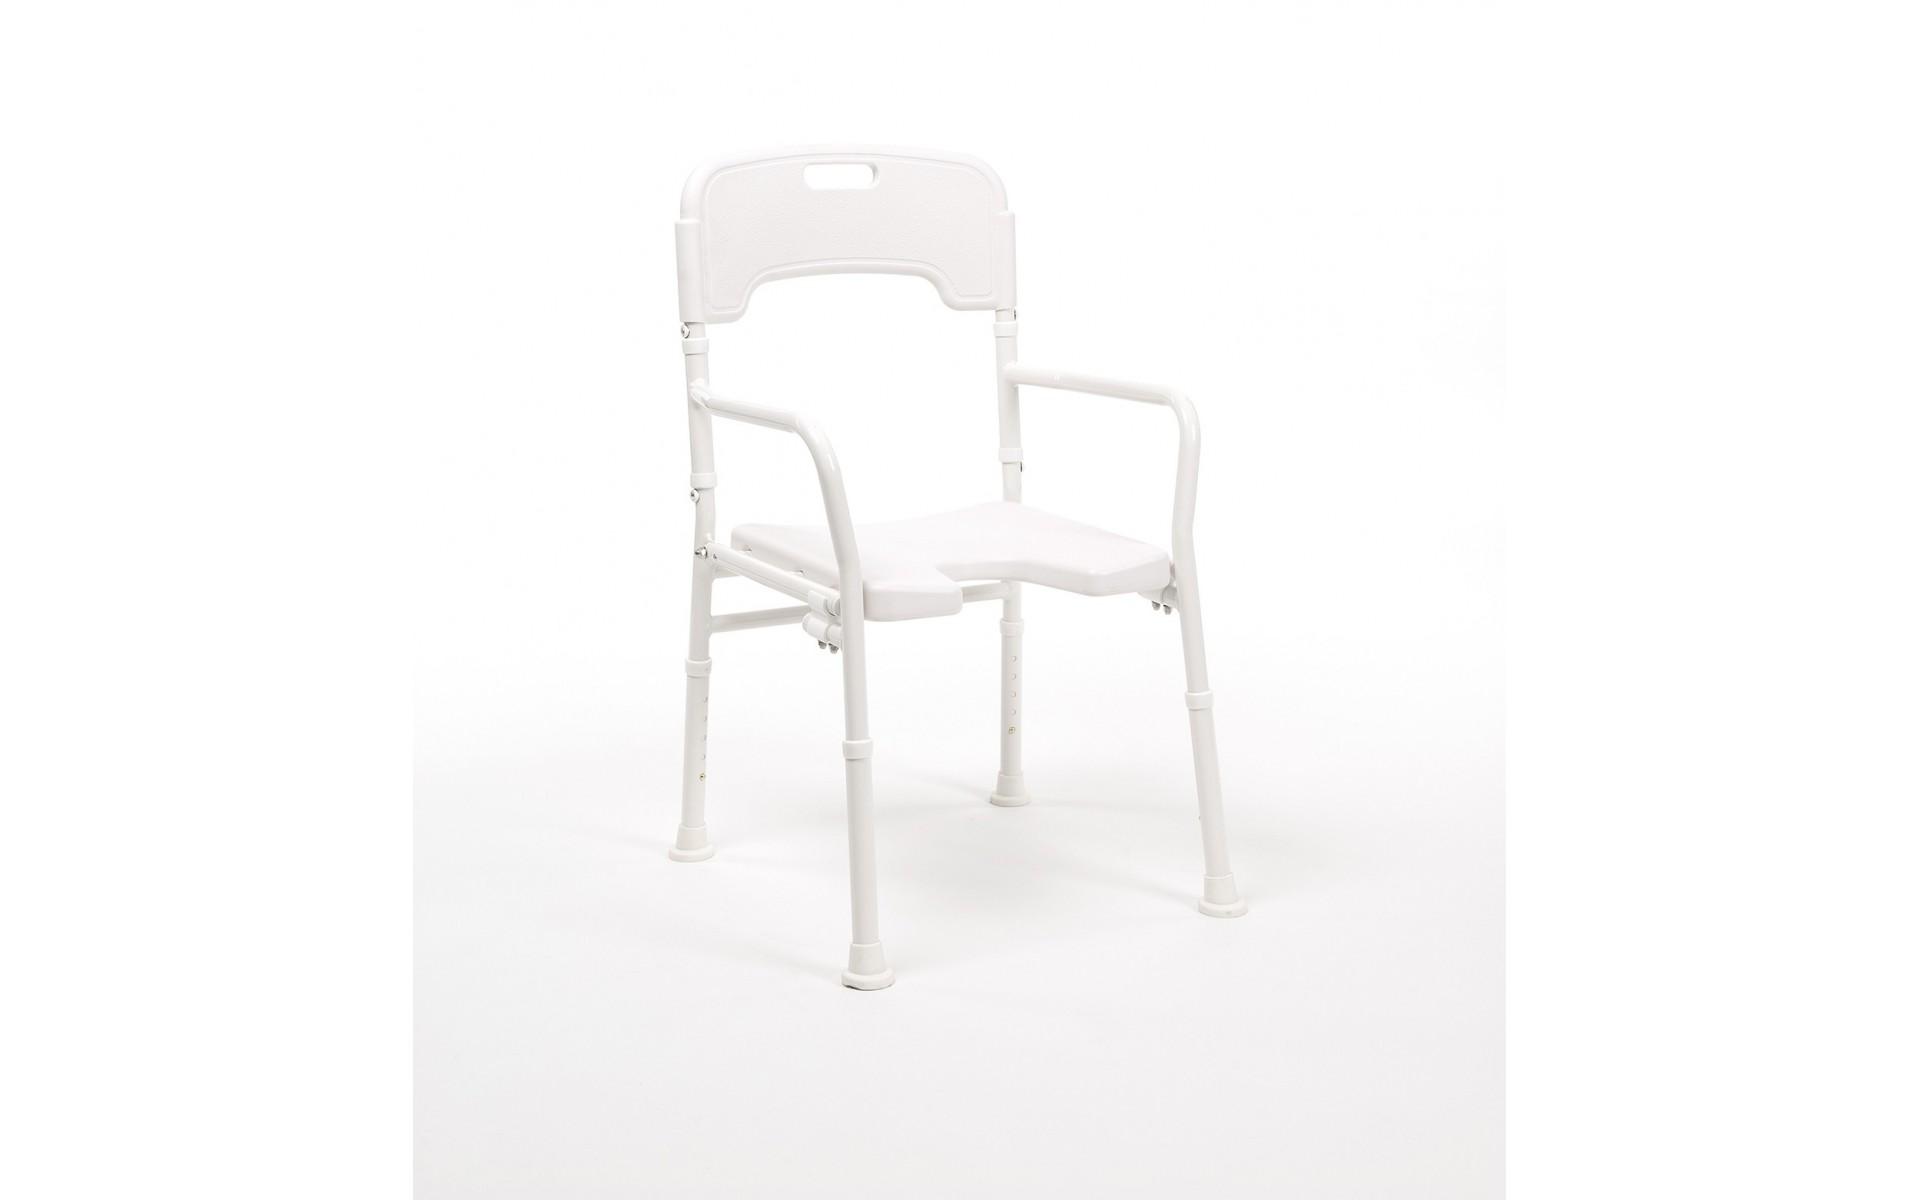 Krzesło pod prysznic Vermeiren Laly.